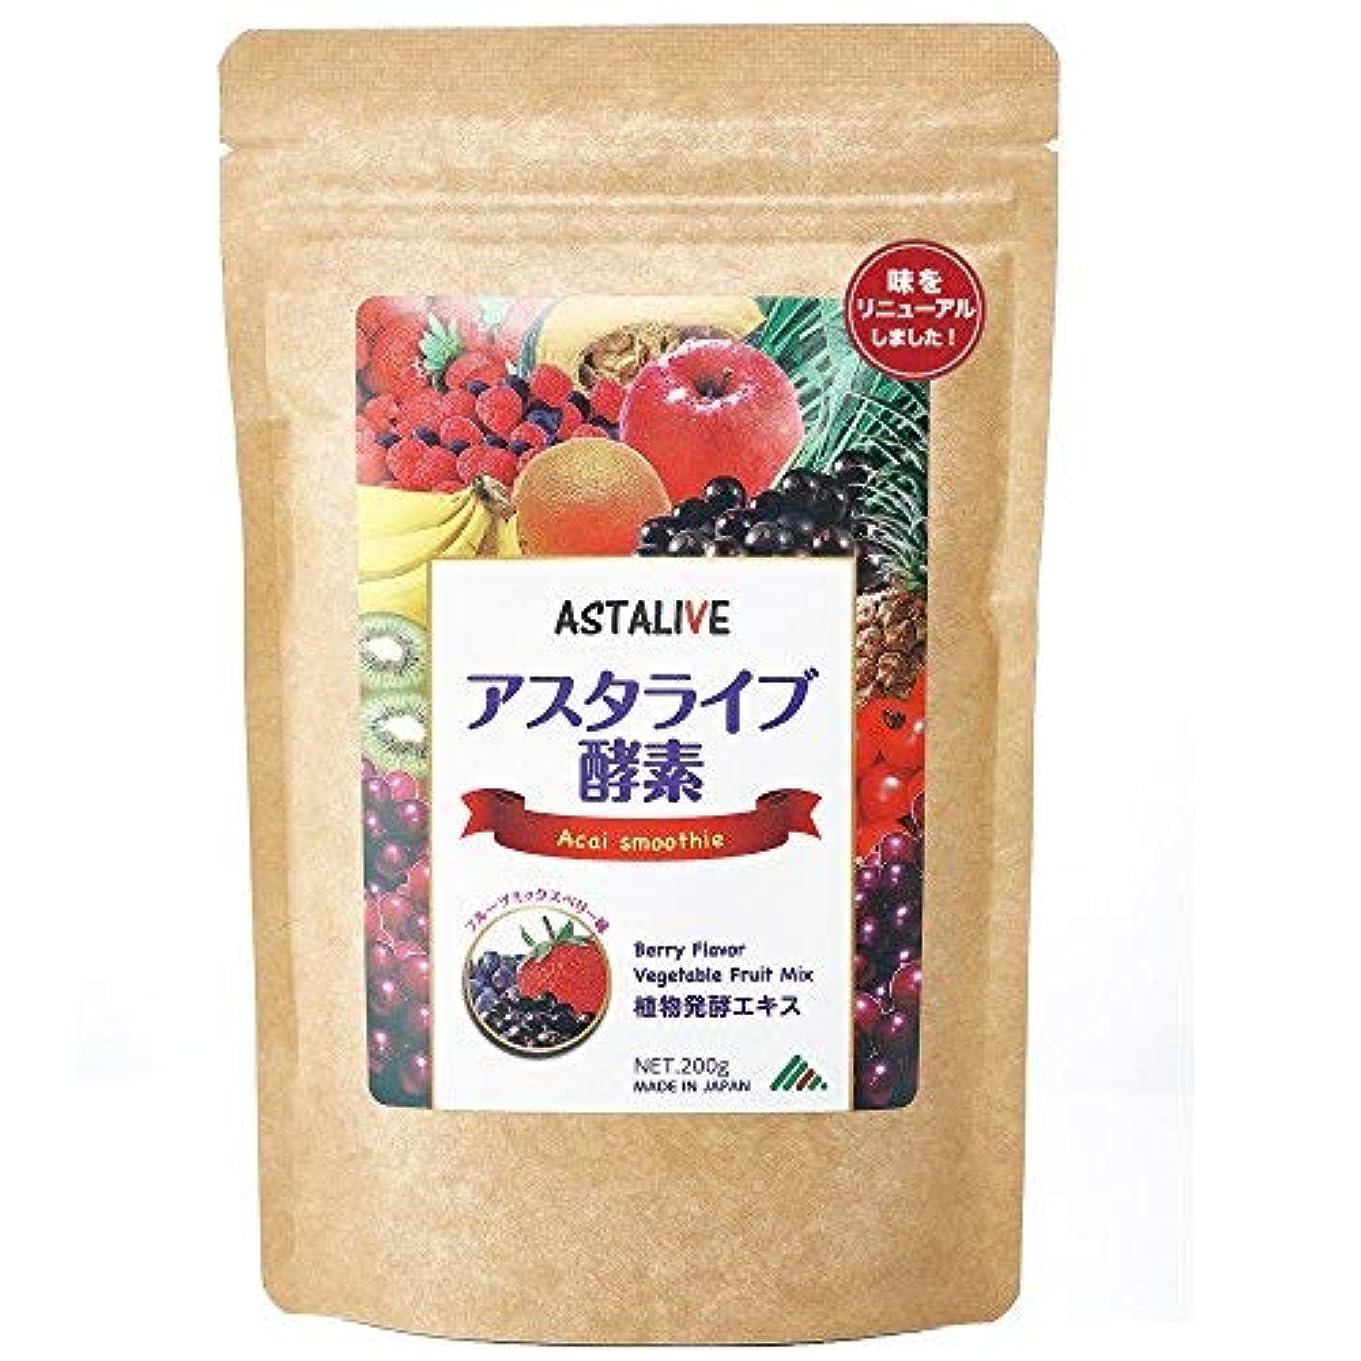 トラック縁精巧なASTALIVE(アスタライブ) 酵素 スムージー チアシード 乳酸菌 麹菌 入り フルーツミックスベリー味 200g (1)